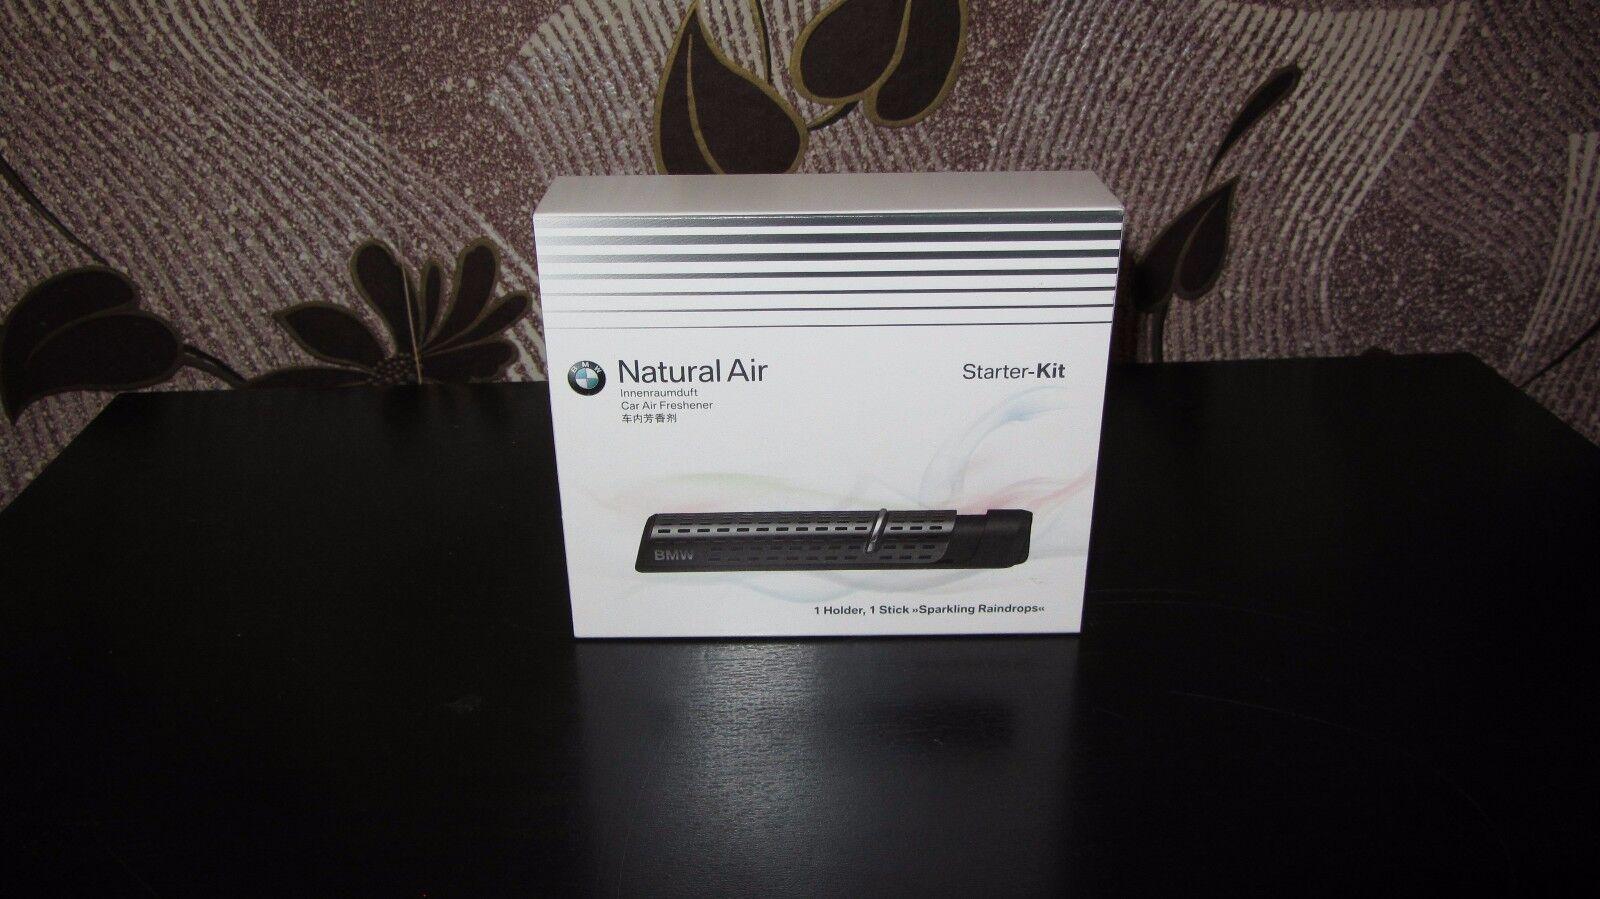 Bmw Natural Air Car Freshener Holder 1 Fragrance Starter Kit